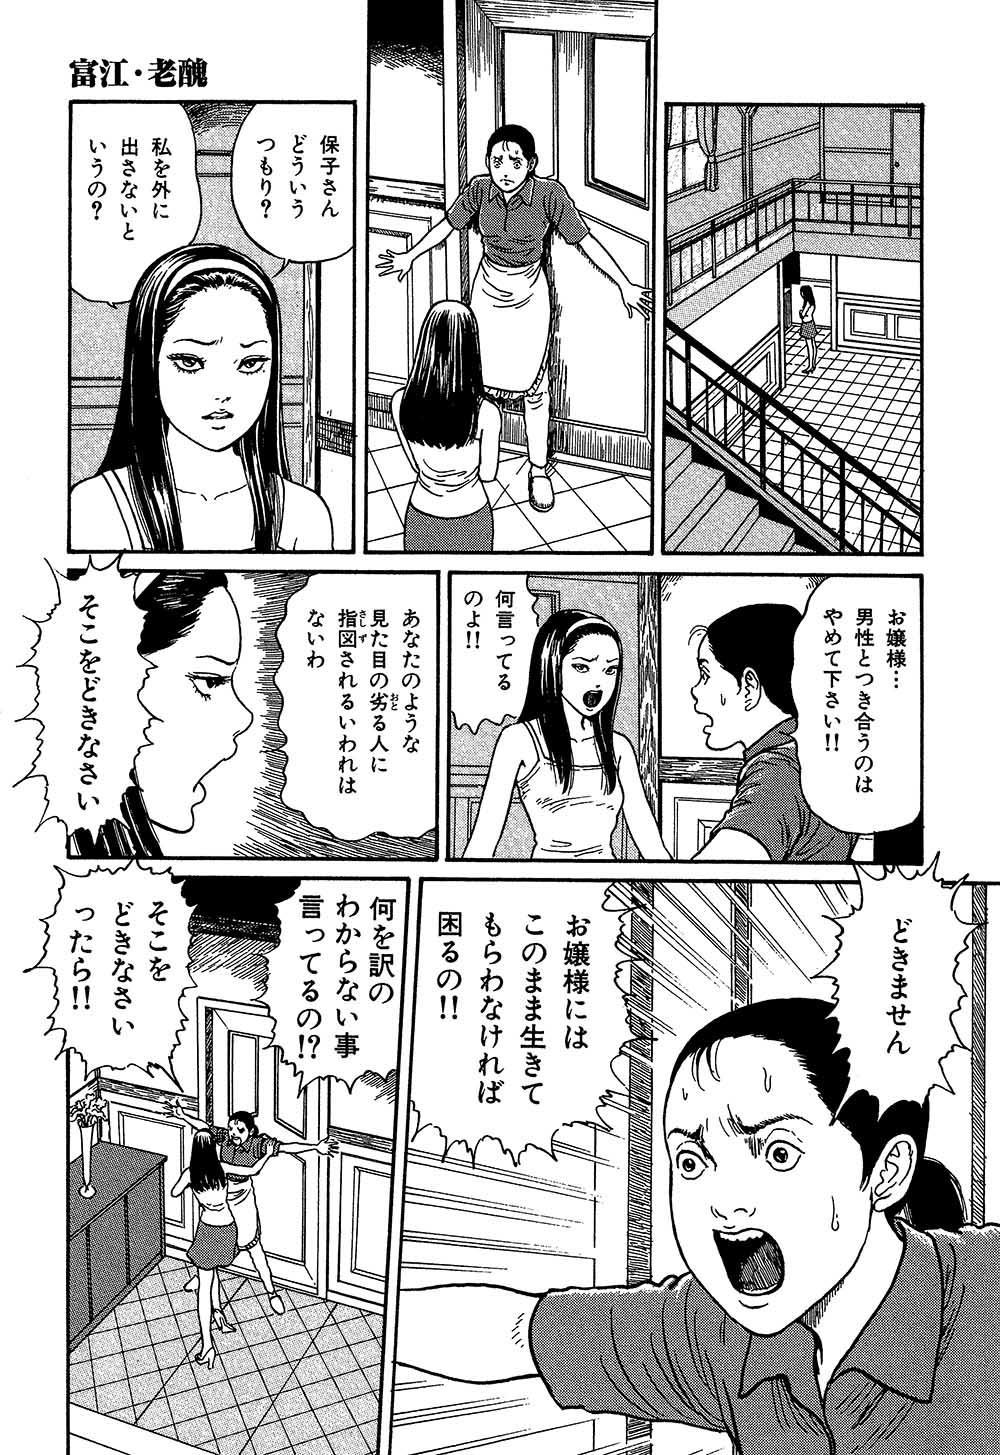 itouj_0002_0363.jpg